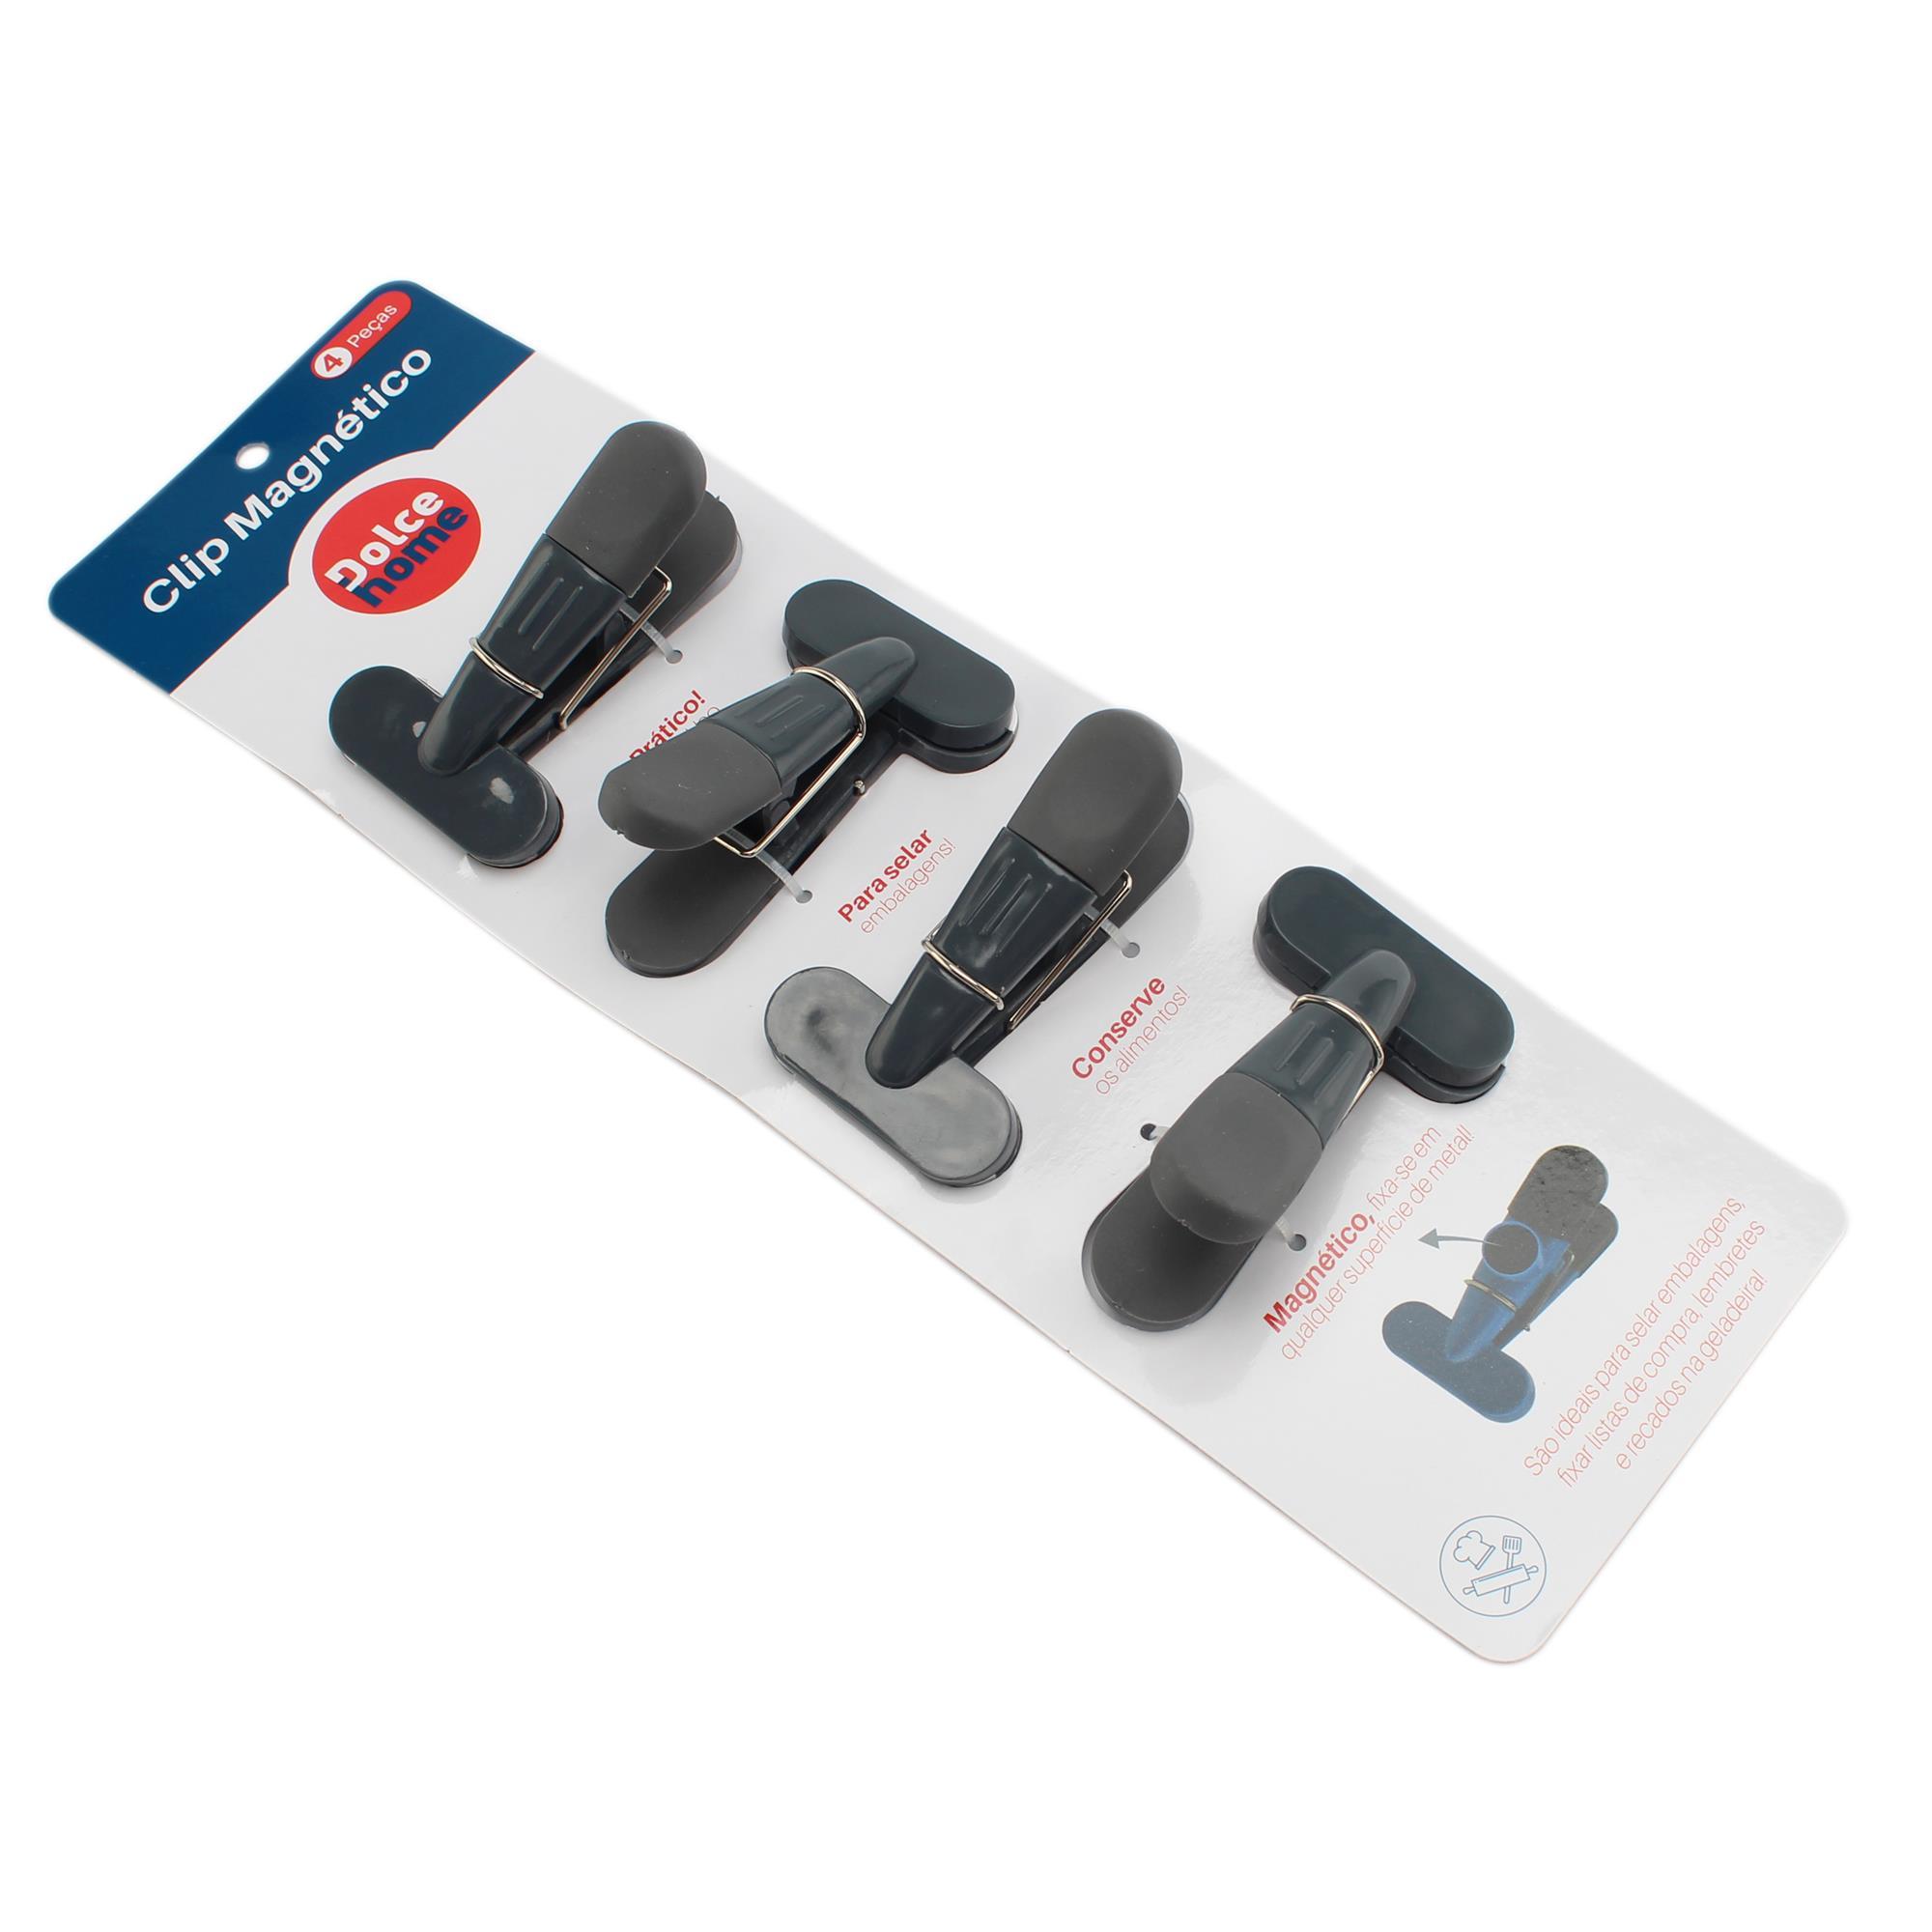 Clip Magnético para fixação em metal ou vedação